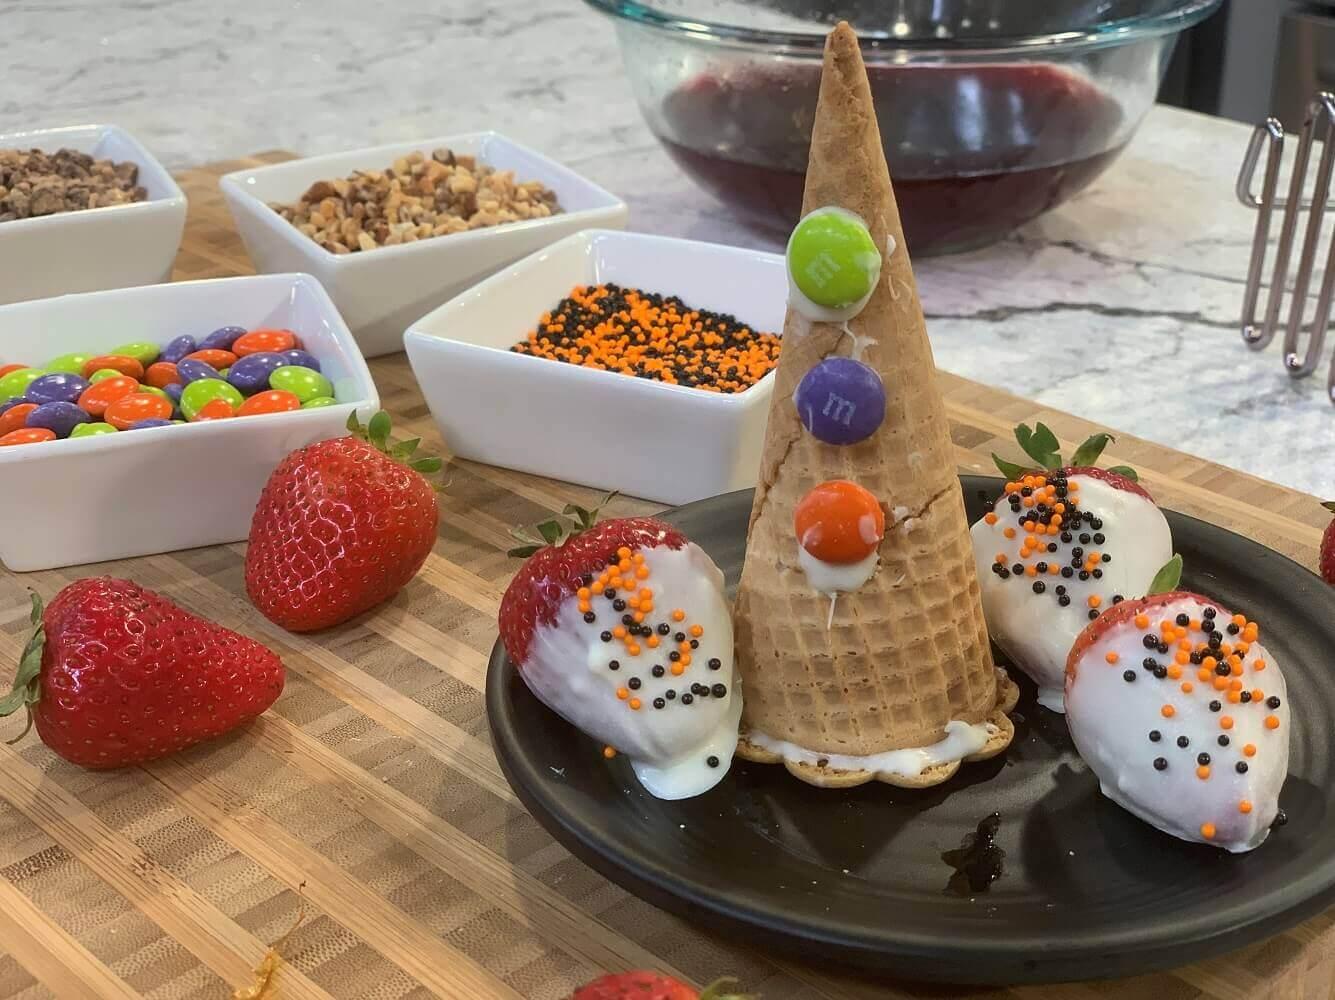 Halloween Treats with Berries